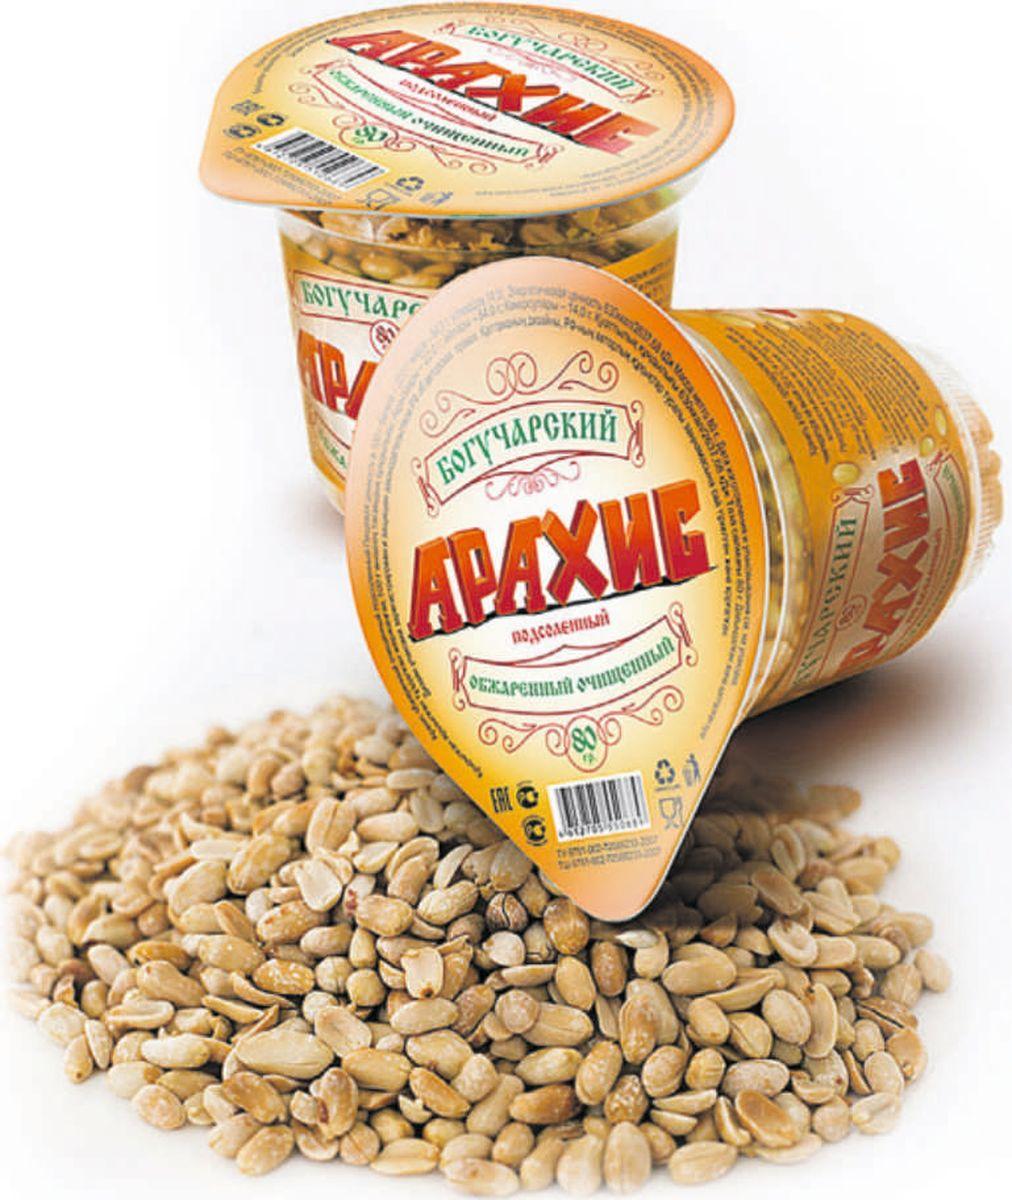 Богучарский арахис обжаренный очищенный подсоленный, 80 г